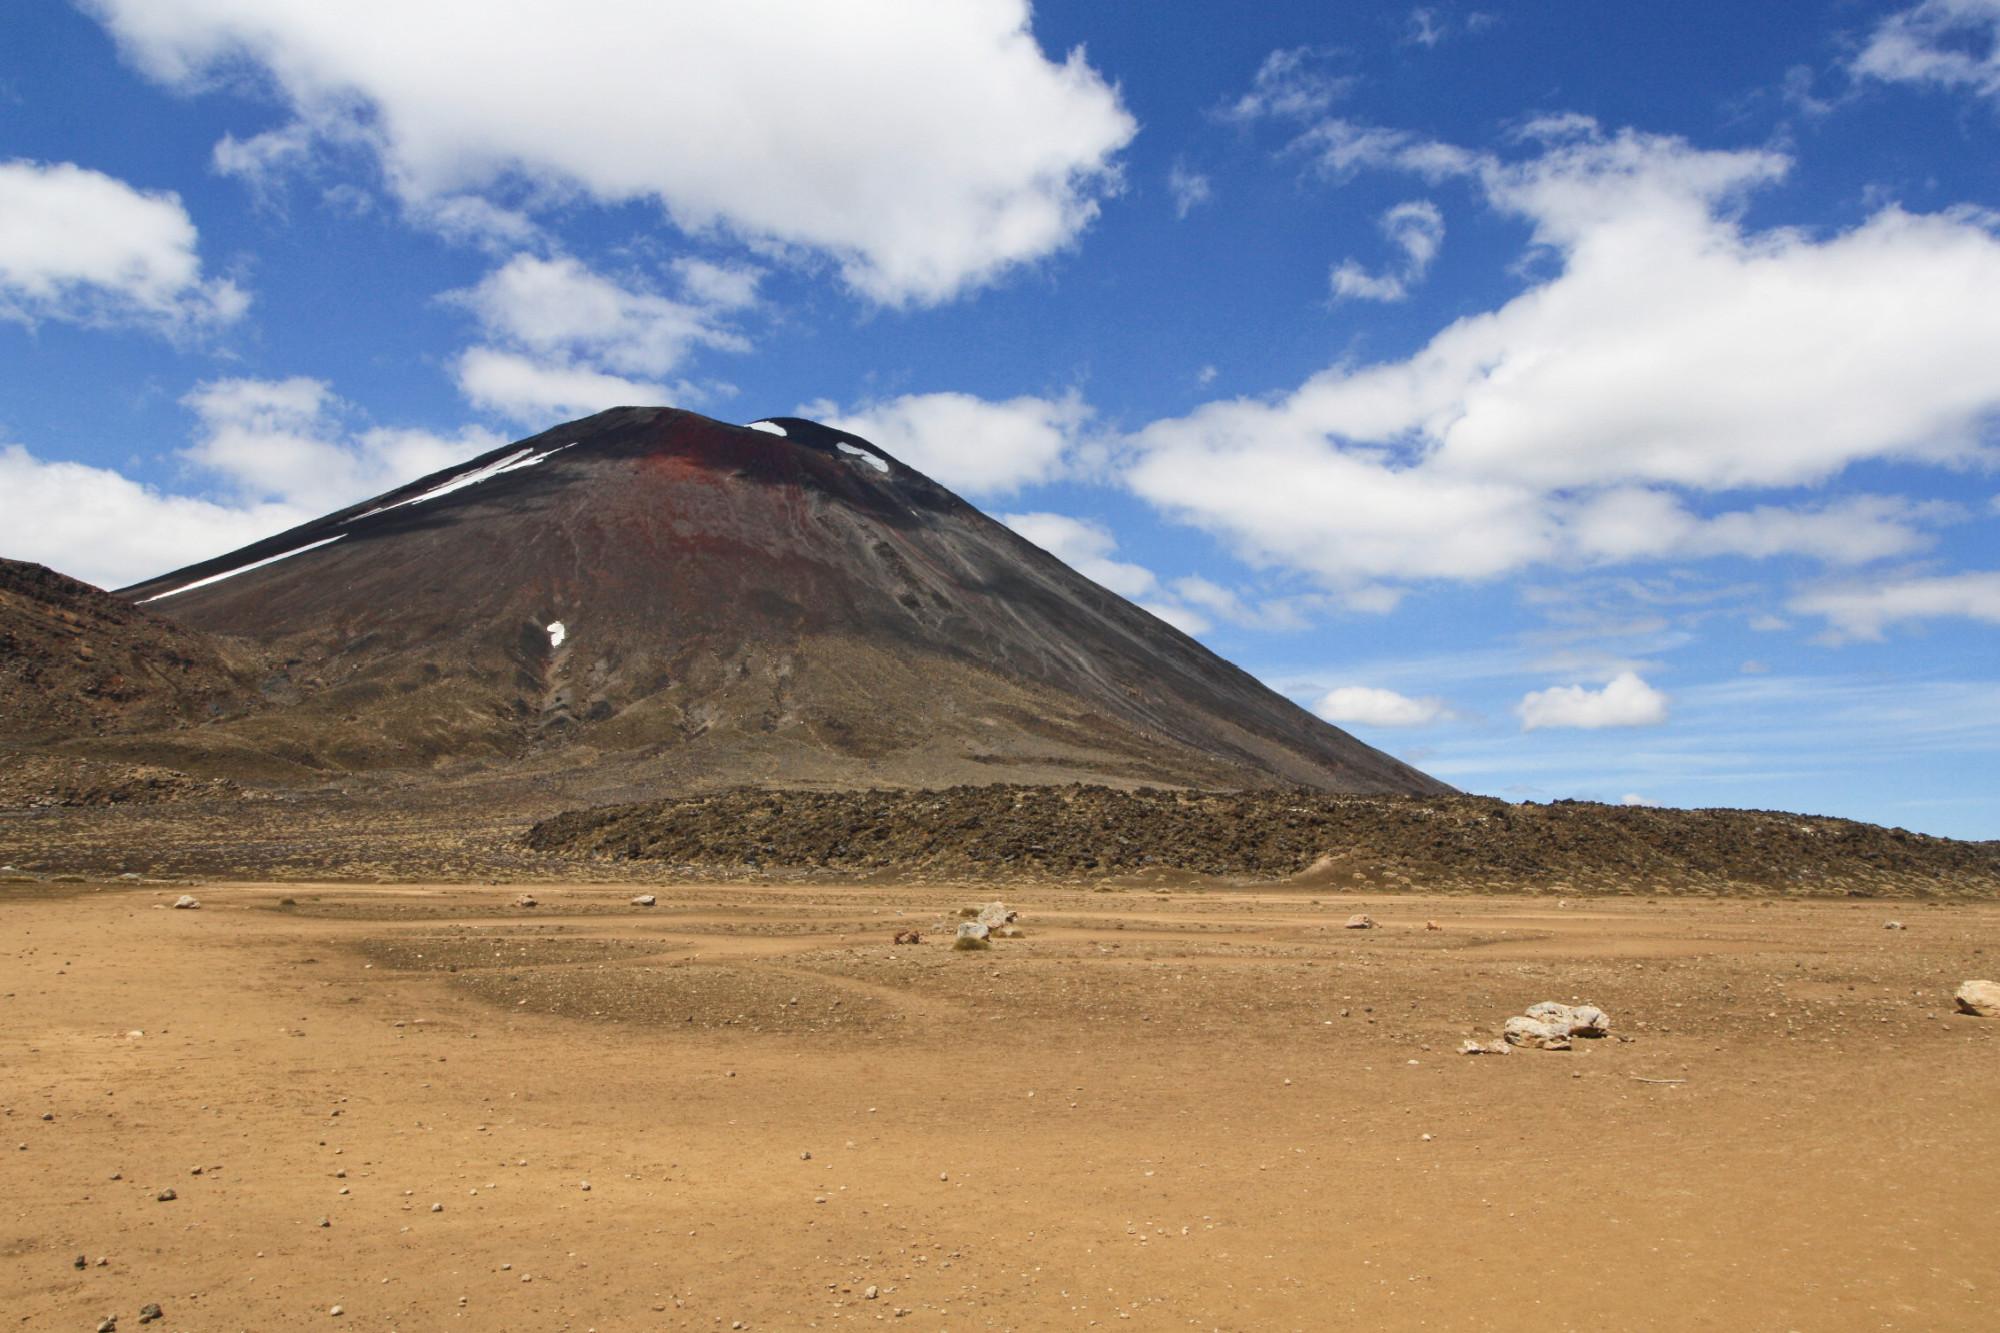 Mont ruahepu